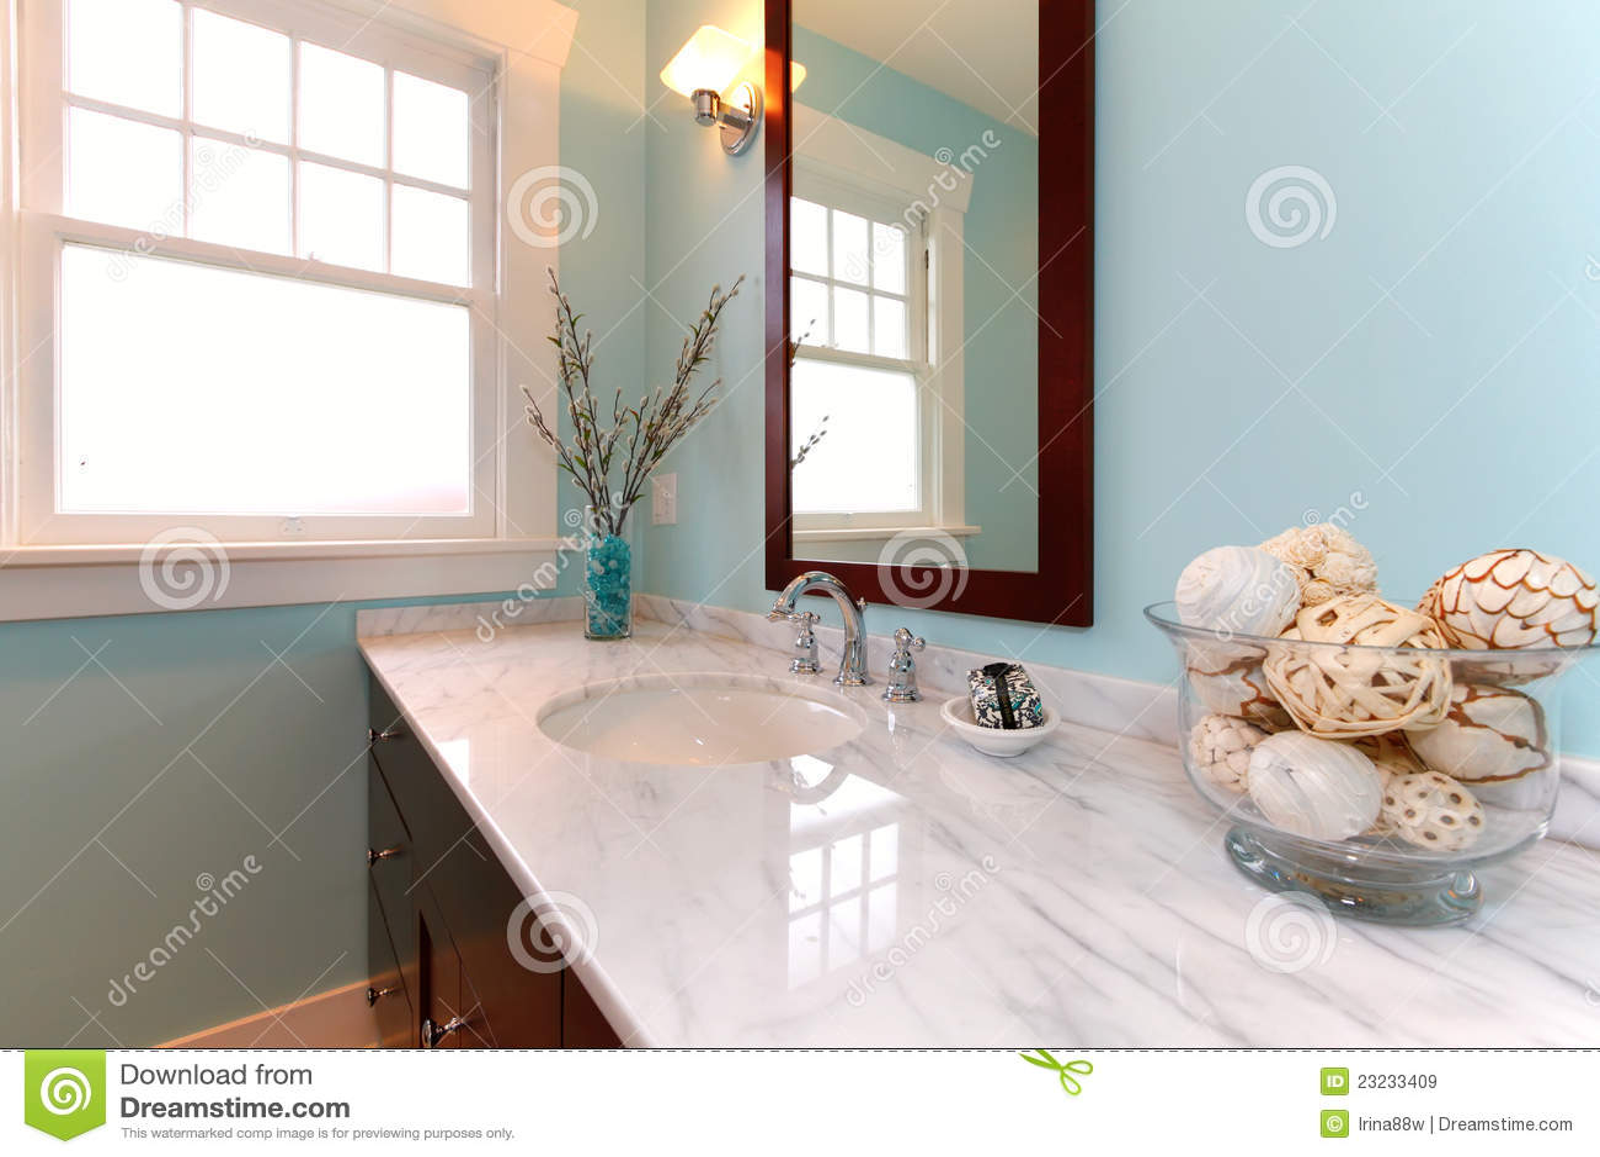 Baño Azul Con Blanco:Cuarto De Baño Azul Con El Fregadero De Mármol Blanco Imágenes de